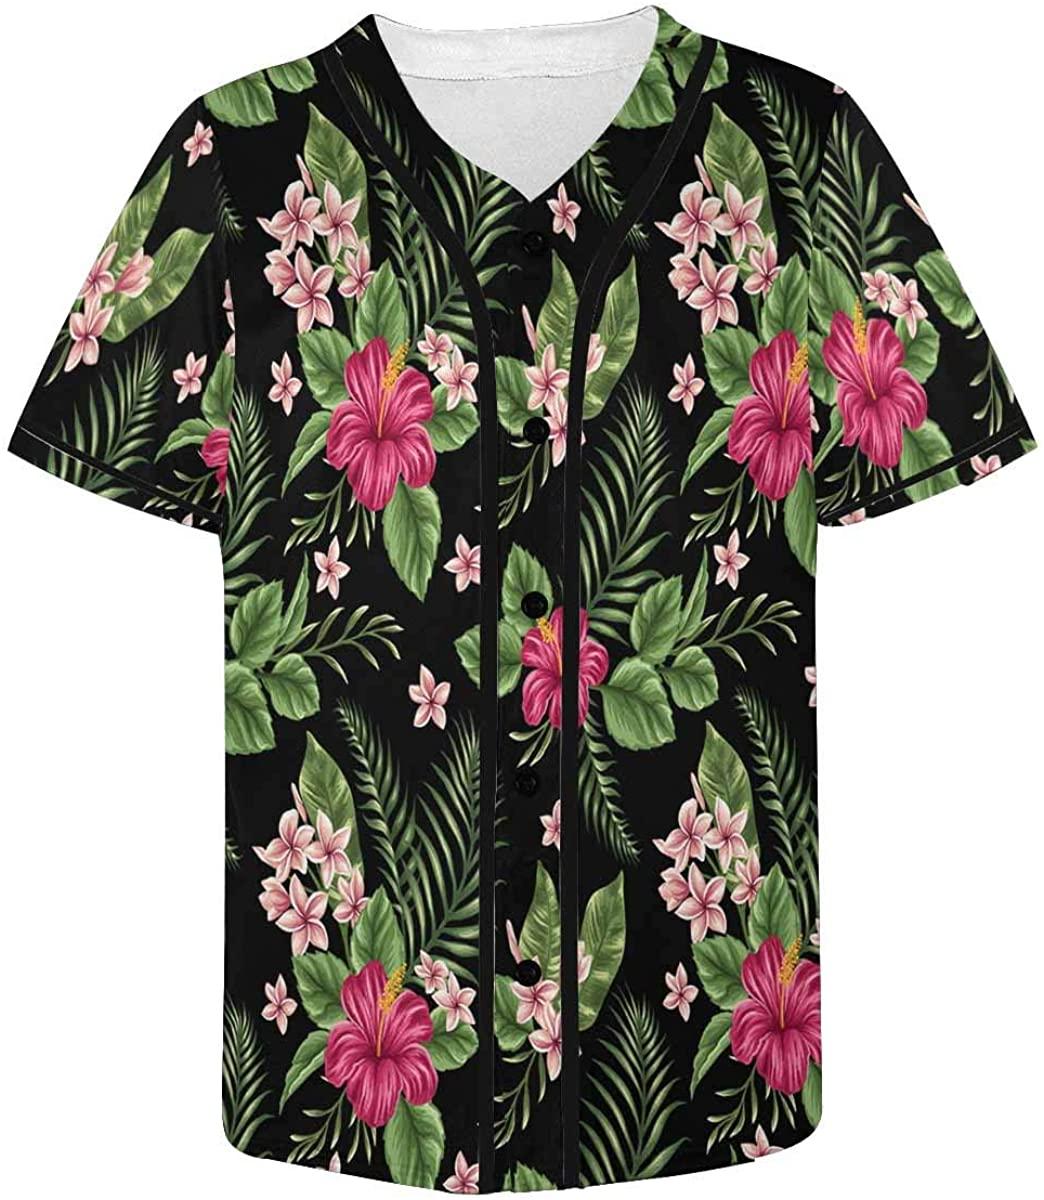 INTERESTPRINT Men's Baseball Jersey Button Down T Shirts Plain Short Sleeve